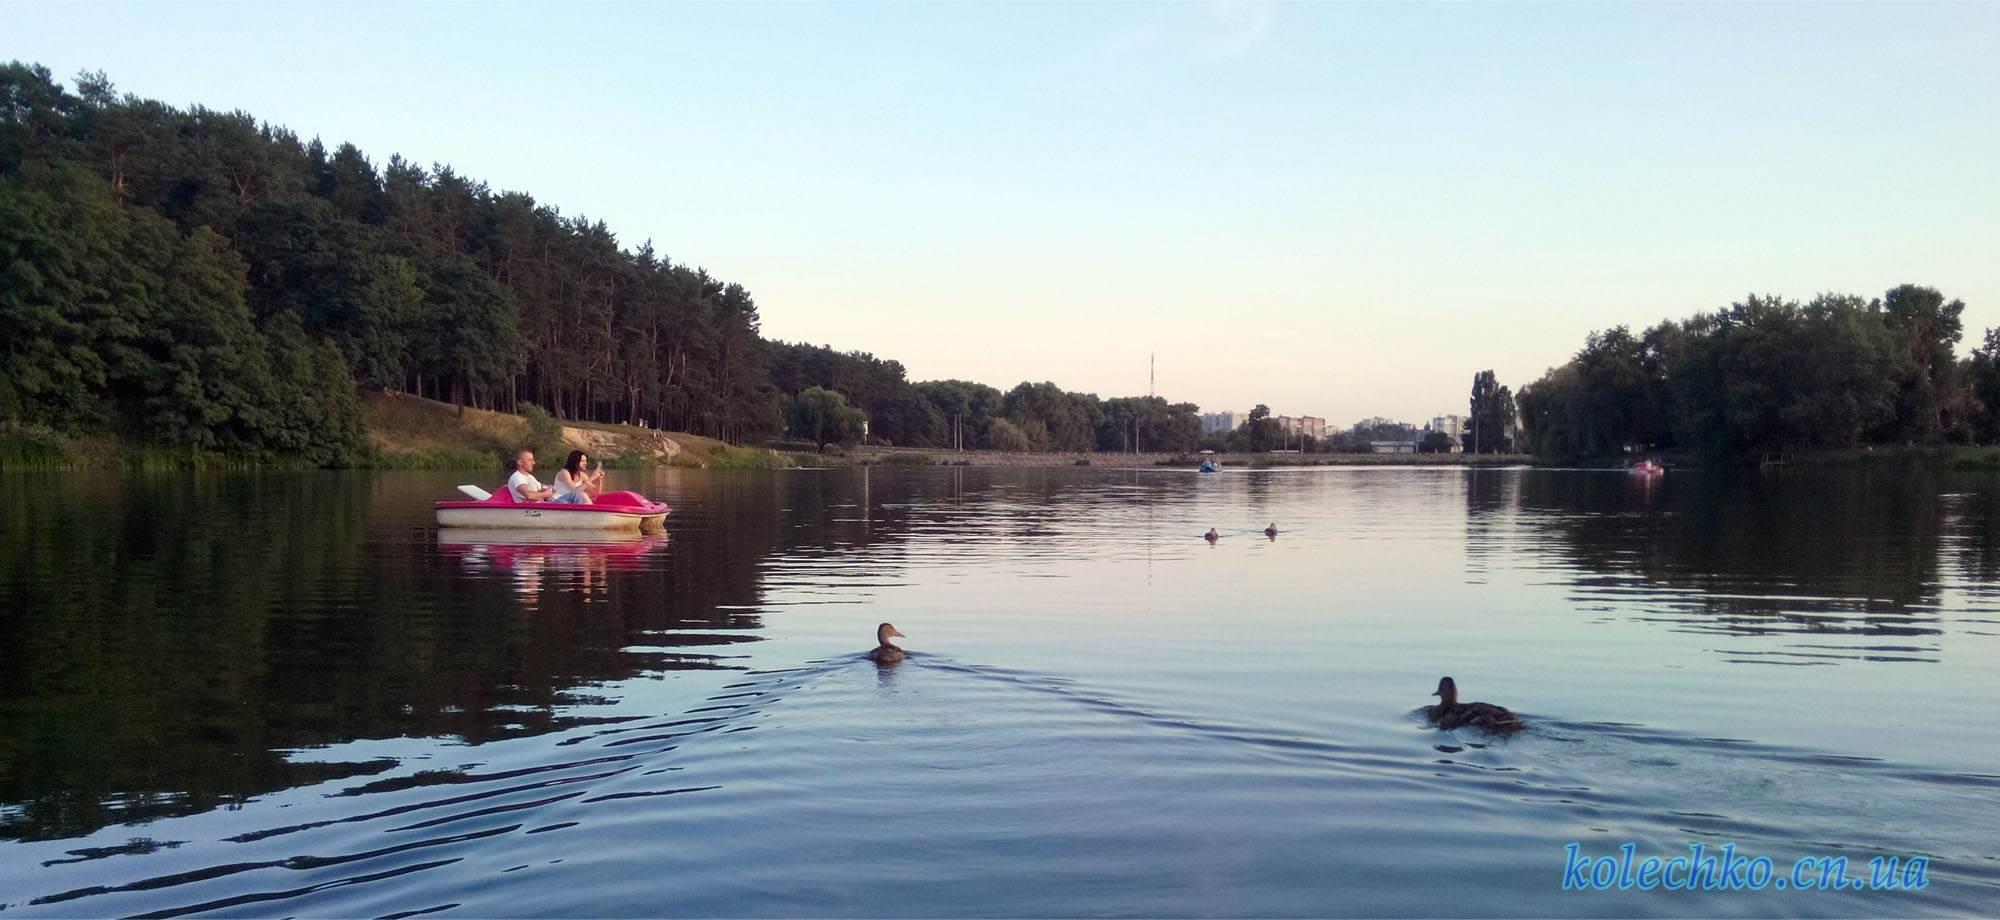 Катамаран в Чернигове на реке Стрижень